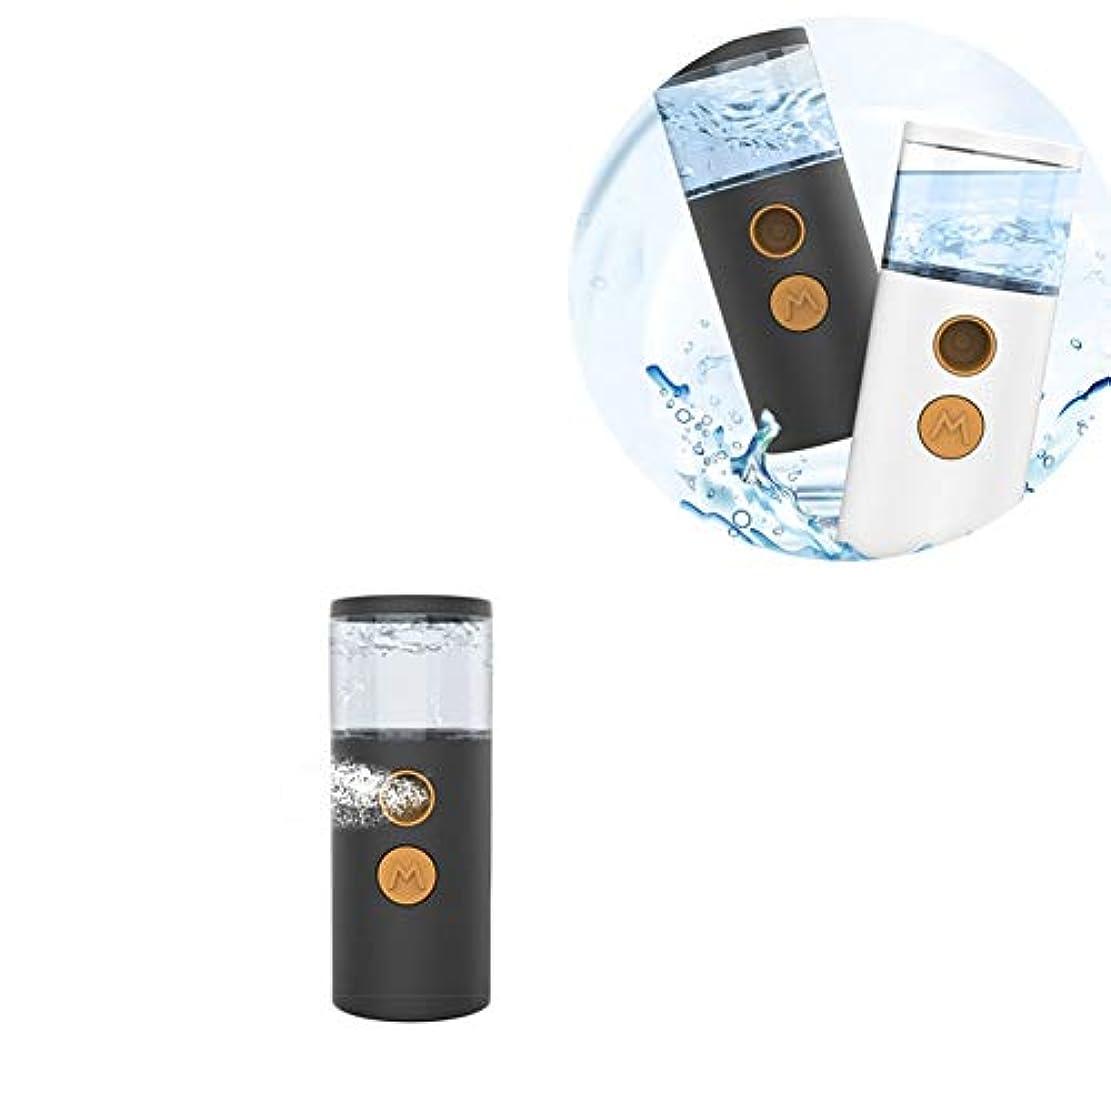 処理する家庭性格フェイシャルスチーム 補水美顔器 旅行 オフィス 乾燥肌対策 脂性肌  スキンケア コールドフォグ ギフト ABS (Color : White)